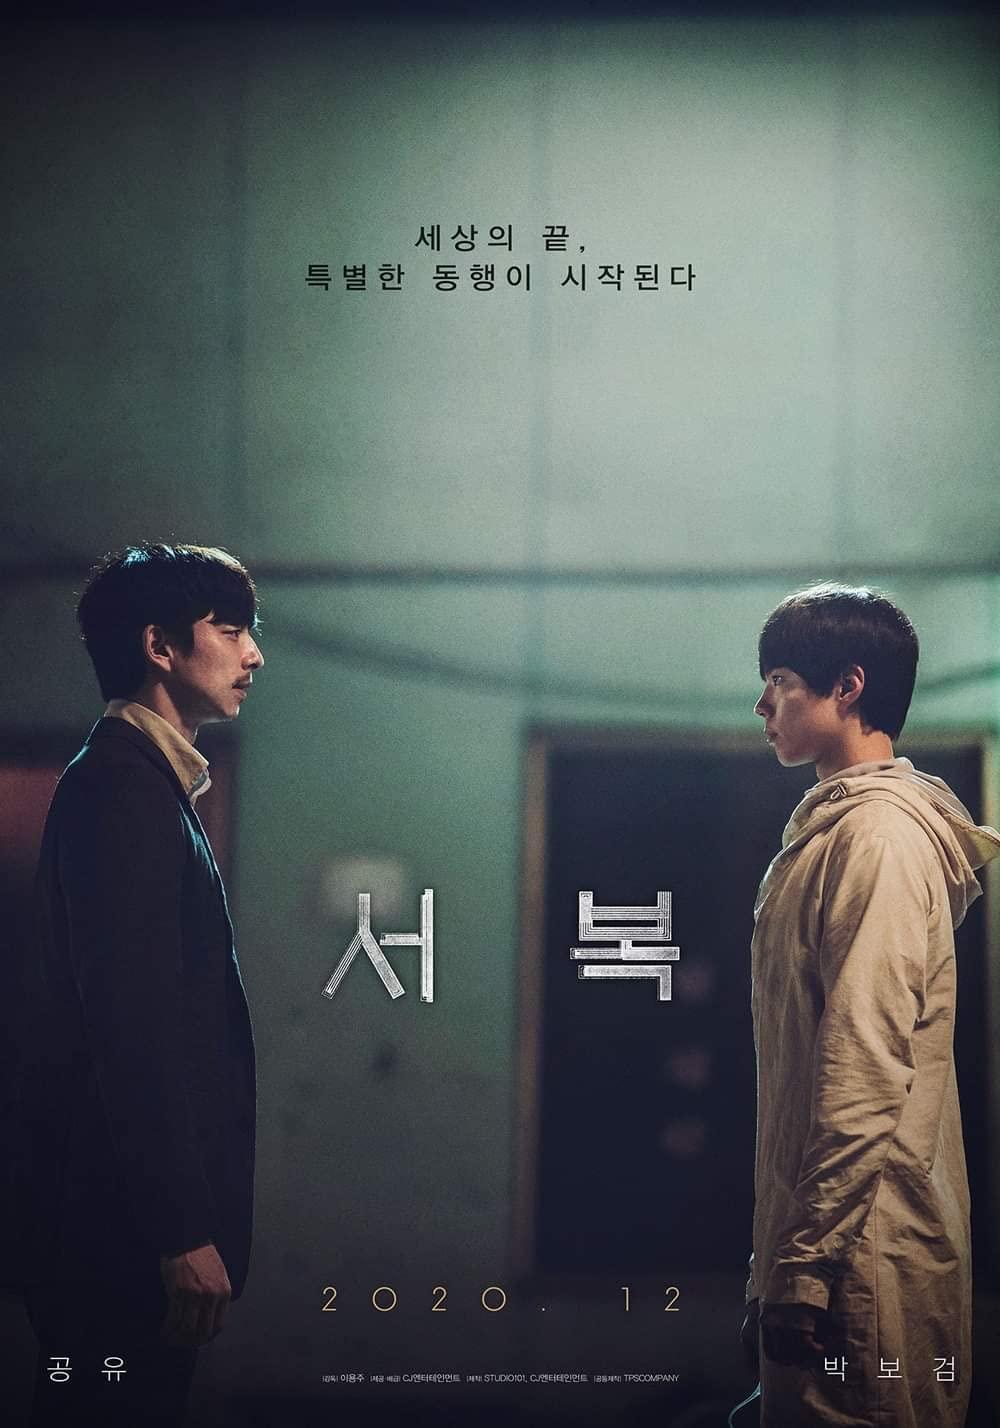 Phim mới nhất của Gong Yoo: Người nhân bản